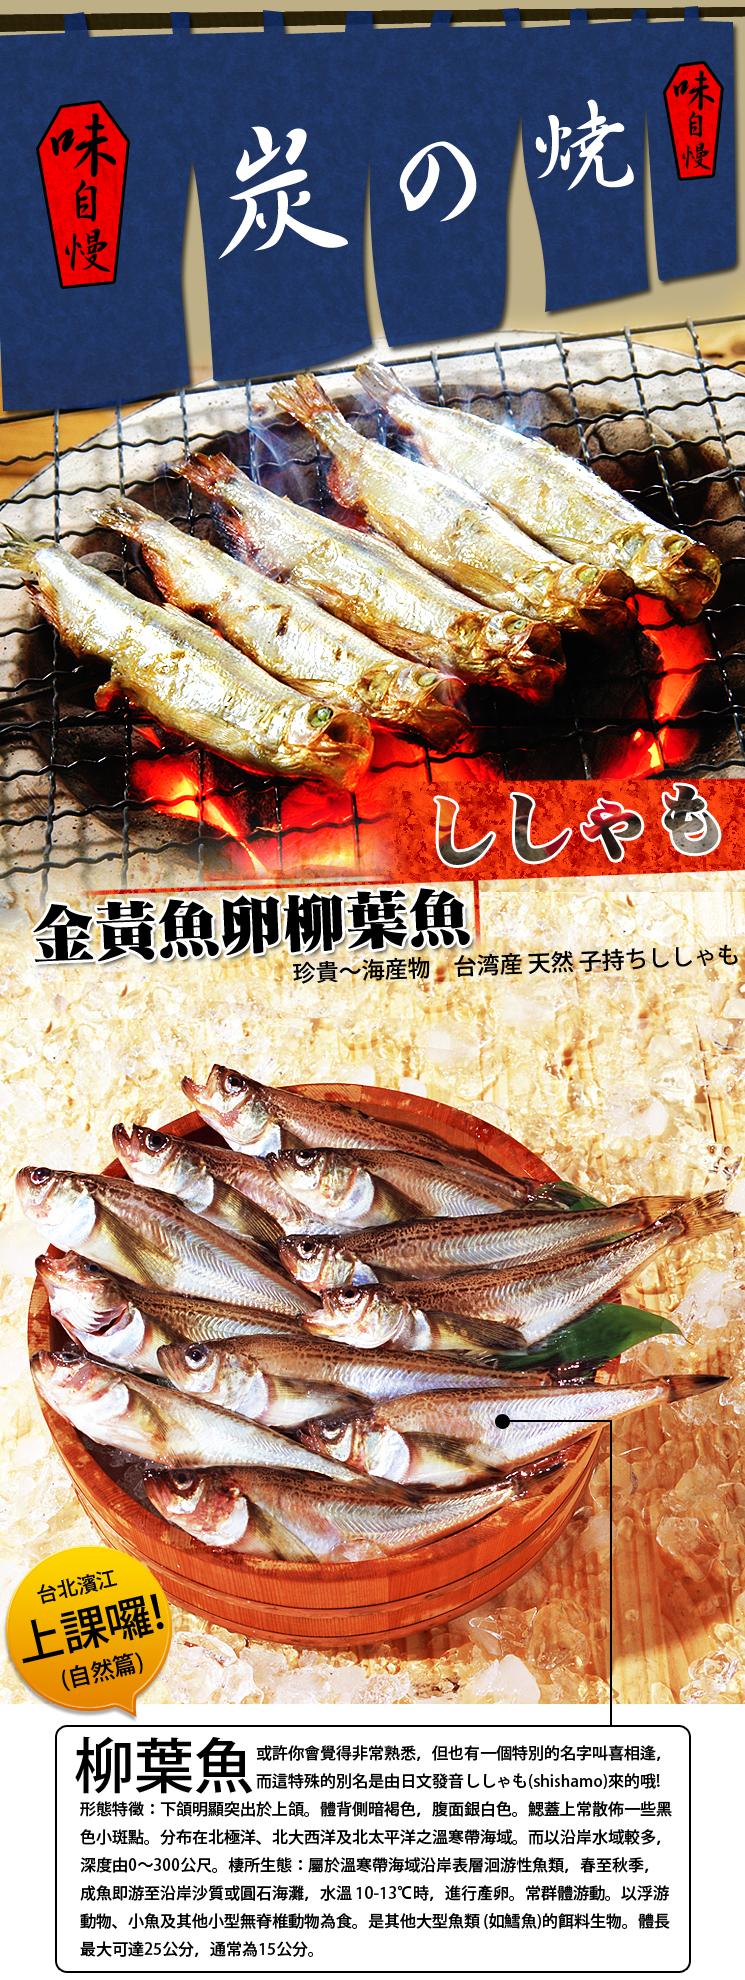 """柳葉魚"""" height="""